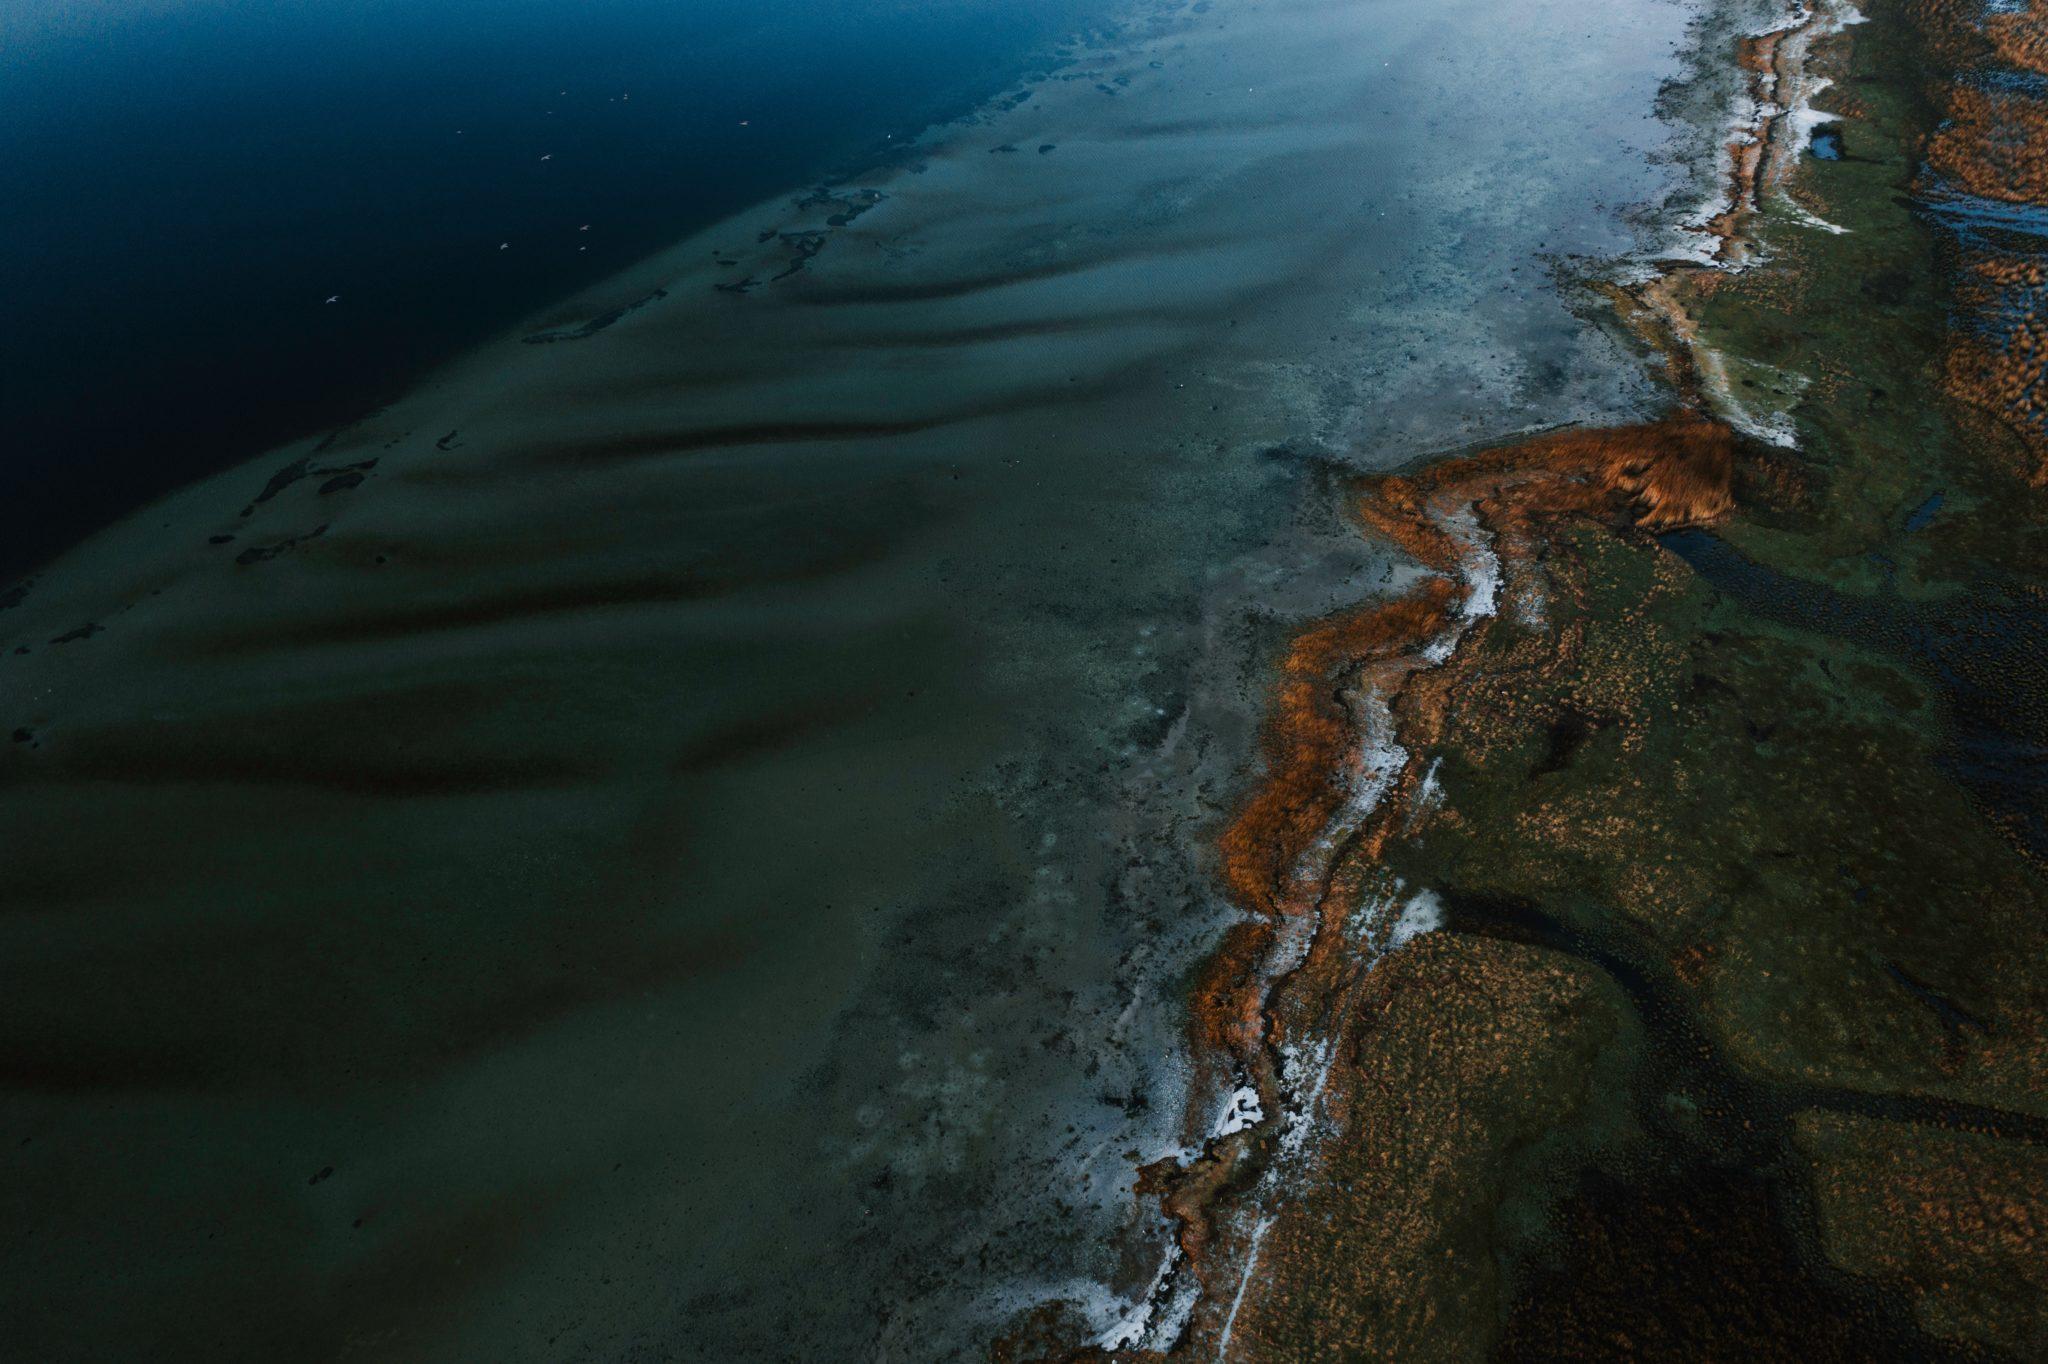 Eine Luftaufnahme von einer Küste, an der Öl ausgelaufen ist.